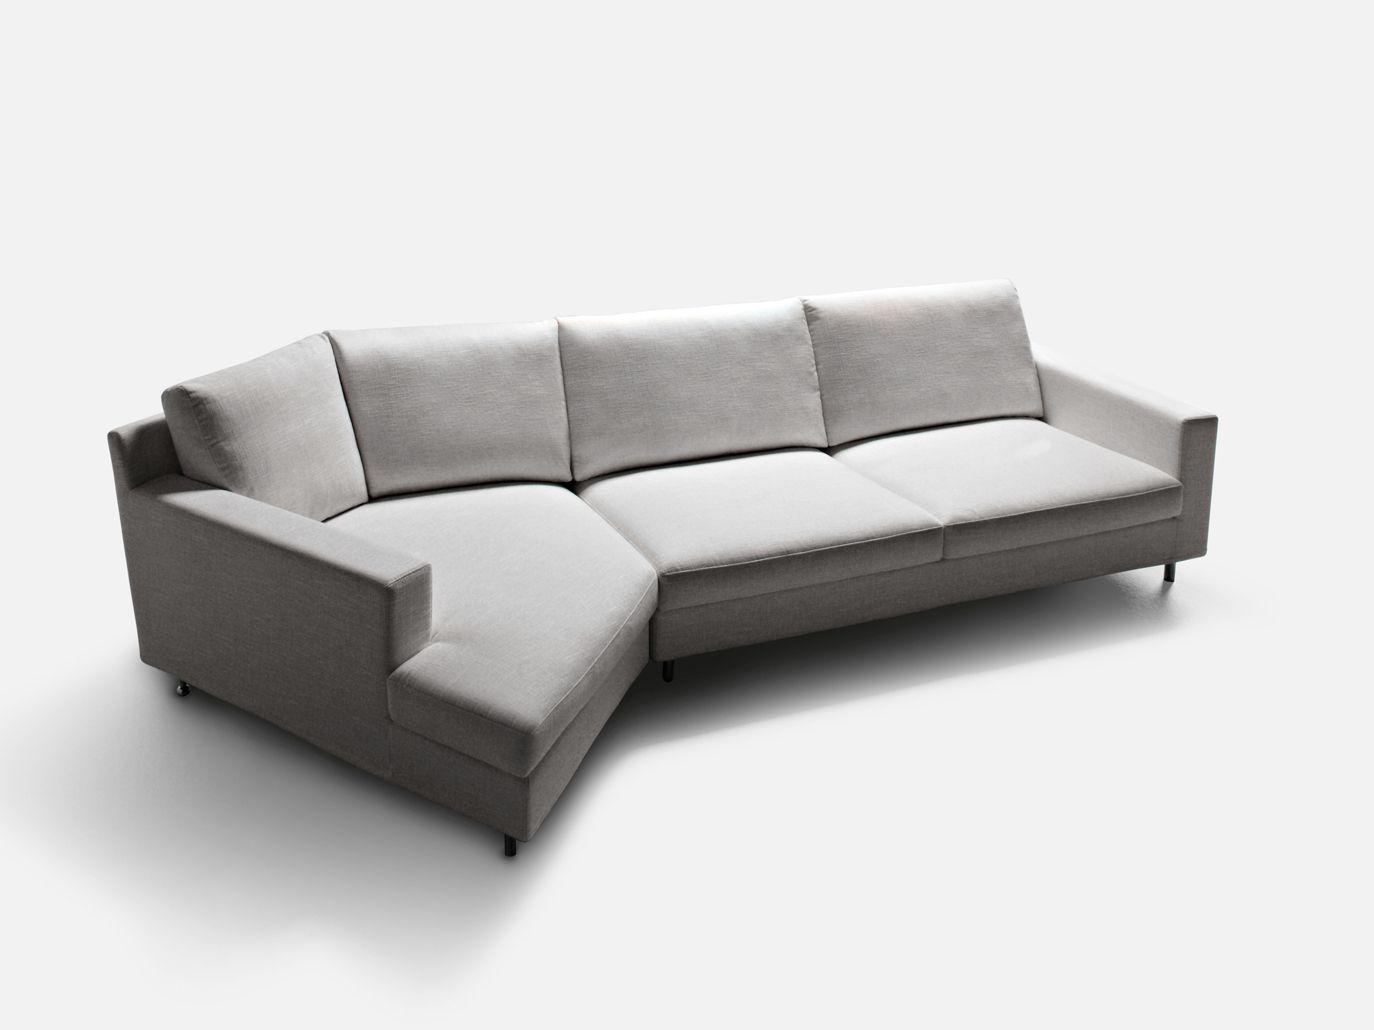 Manhattan divano angolare by la cividina design fulvio bulfoni - Divano componibile angolare ...